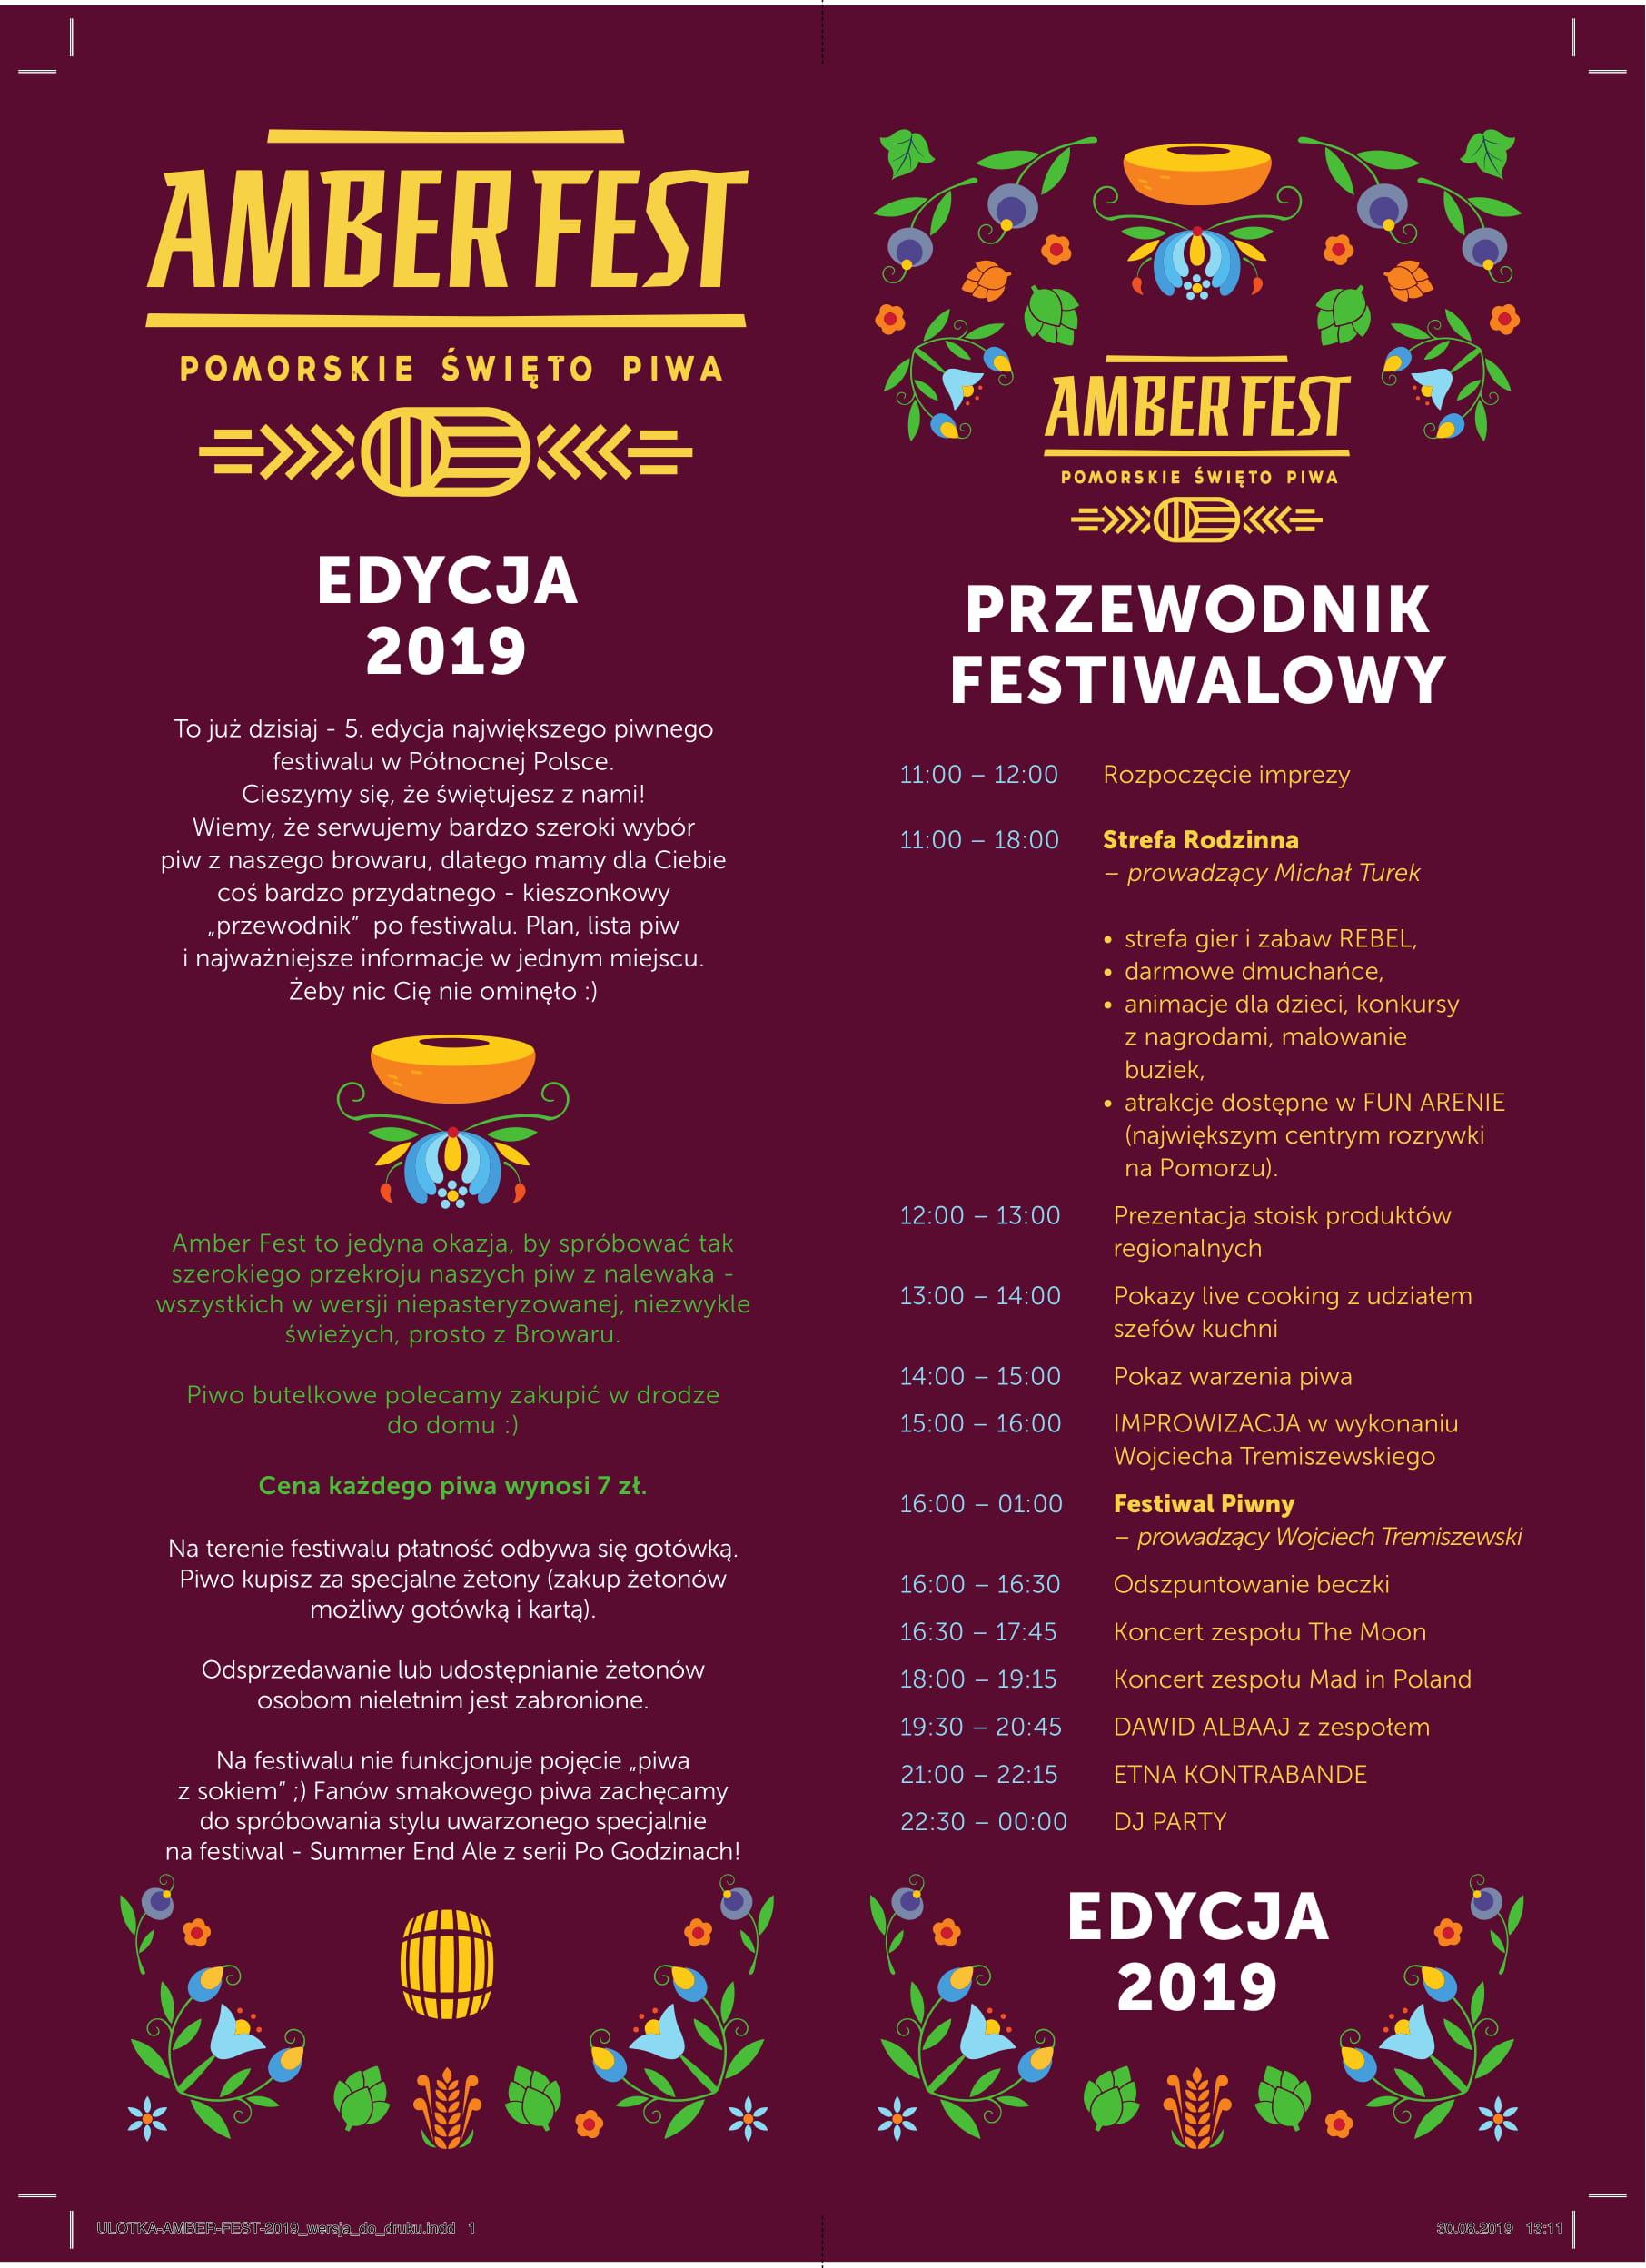 Amber Fest 2019 - plakat